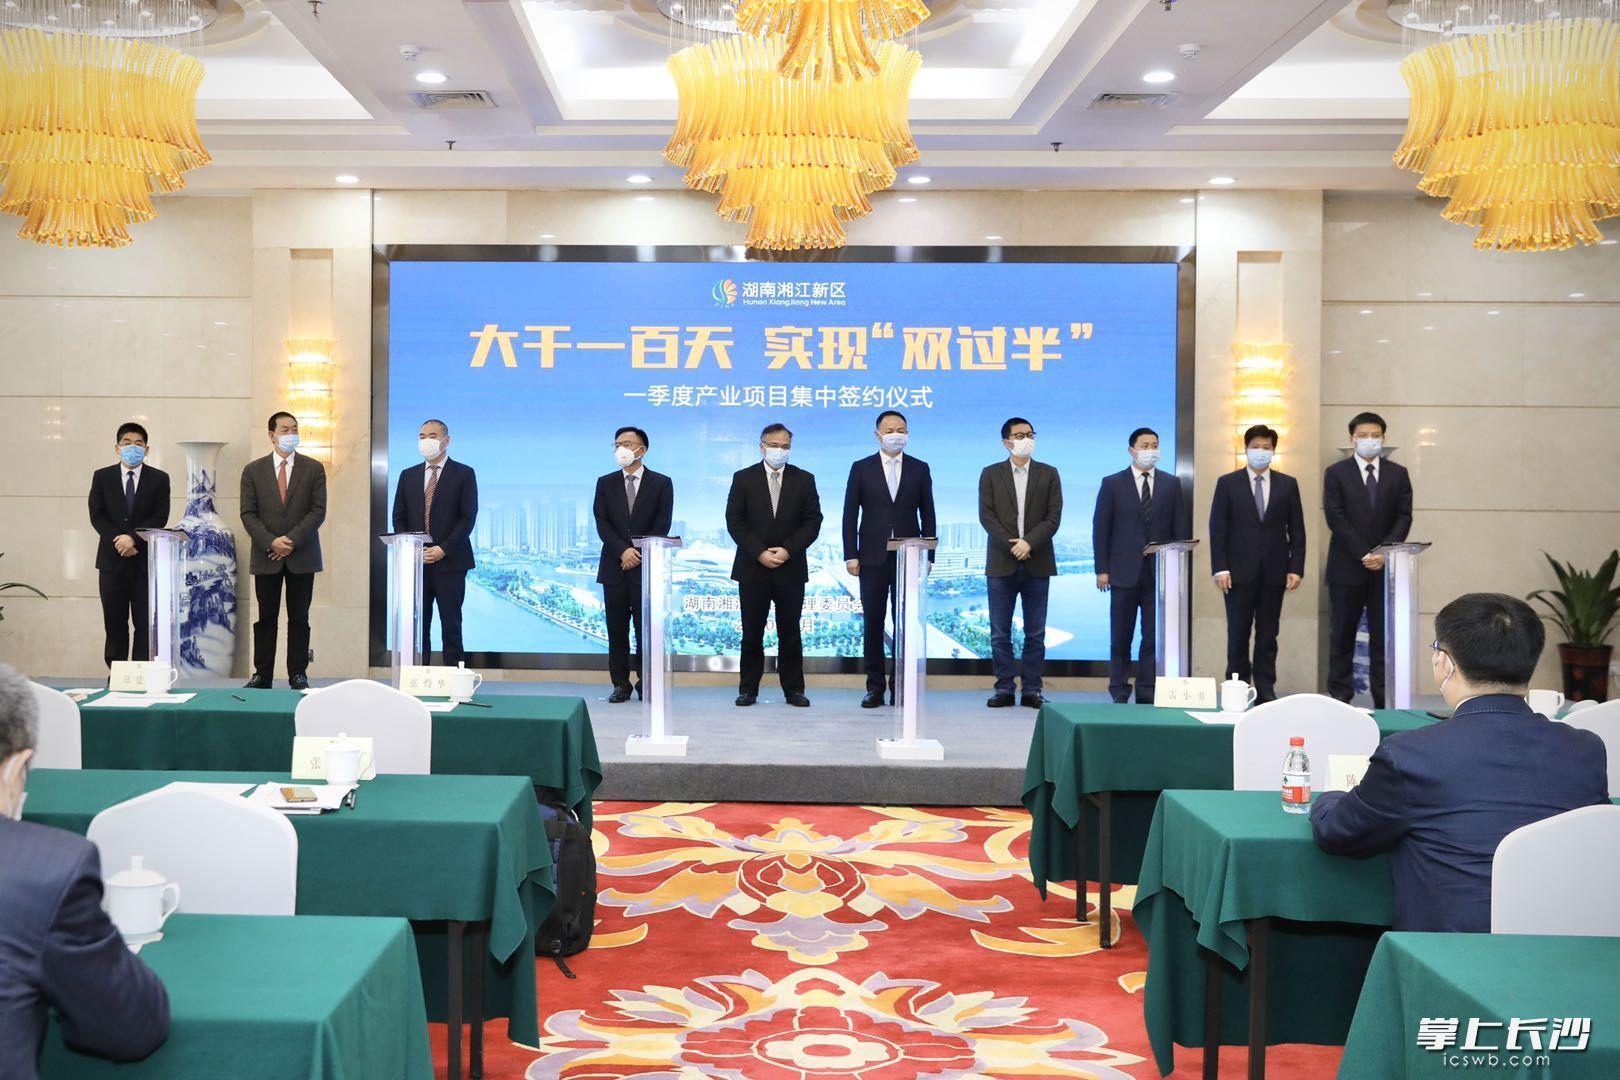 湖南湘江新区以视频连线与现场签约相结合的形式举行重大项目签约仪式。刘书勤 摄